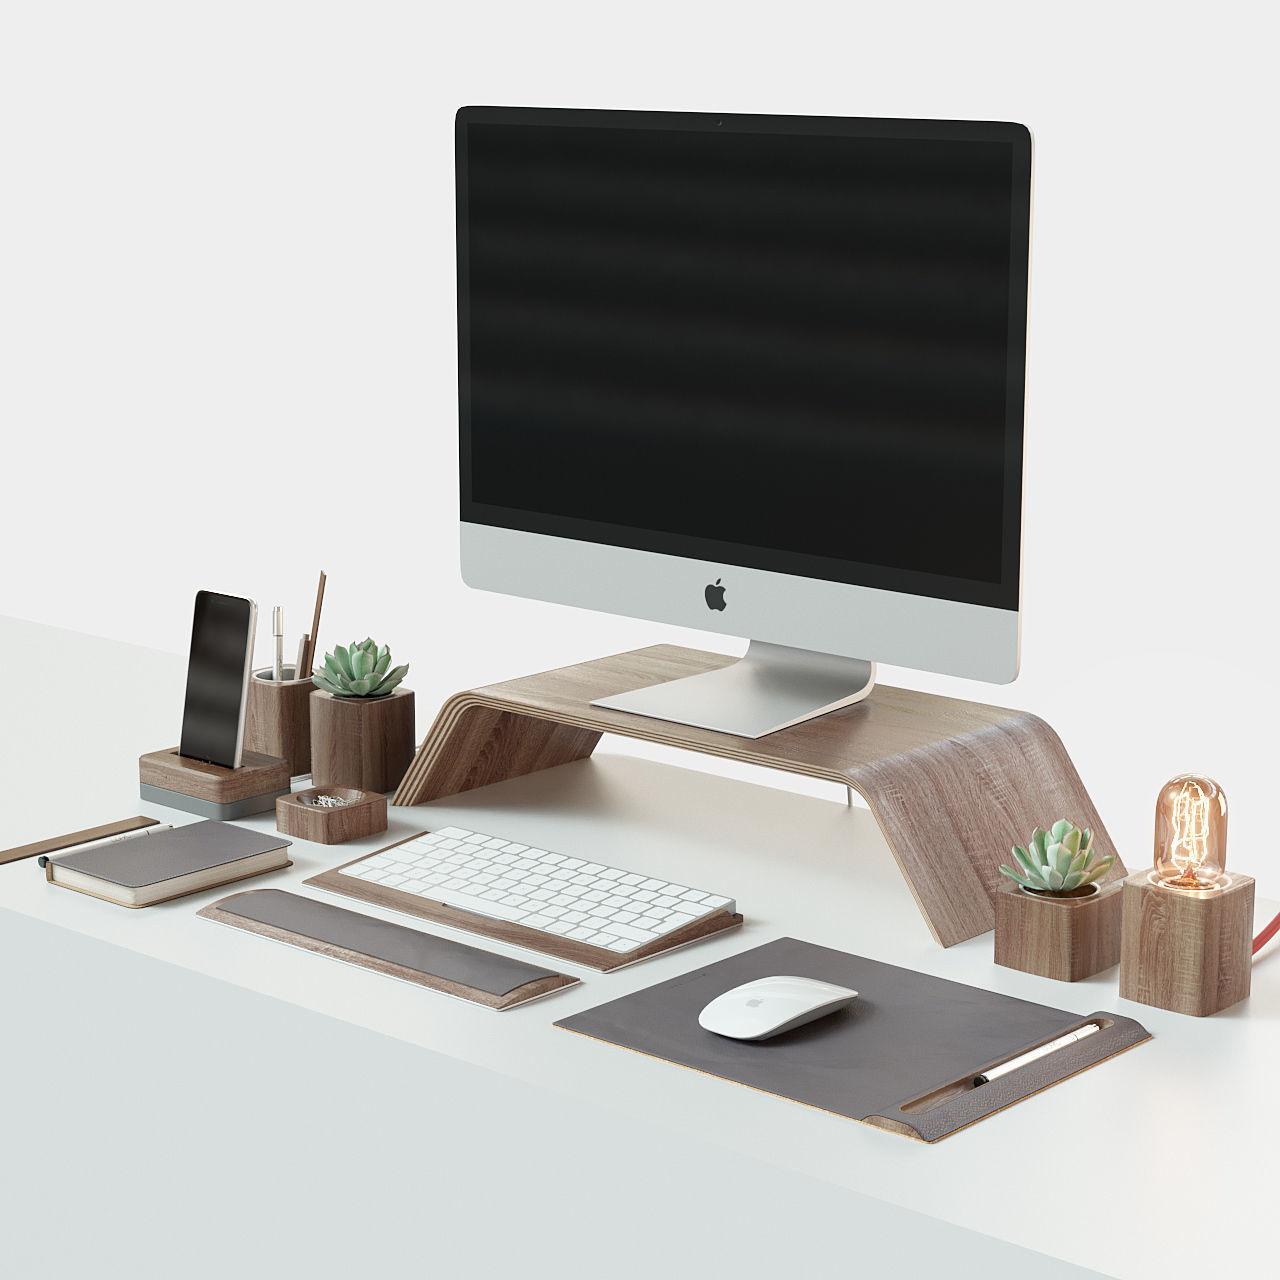 iMac and Grovemade desktop